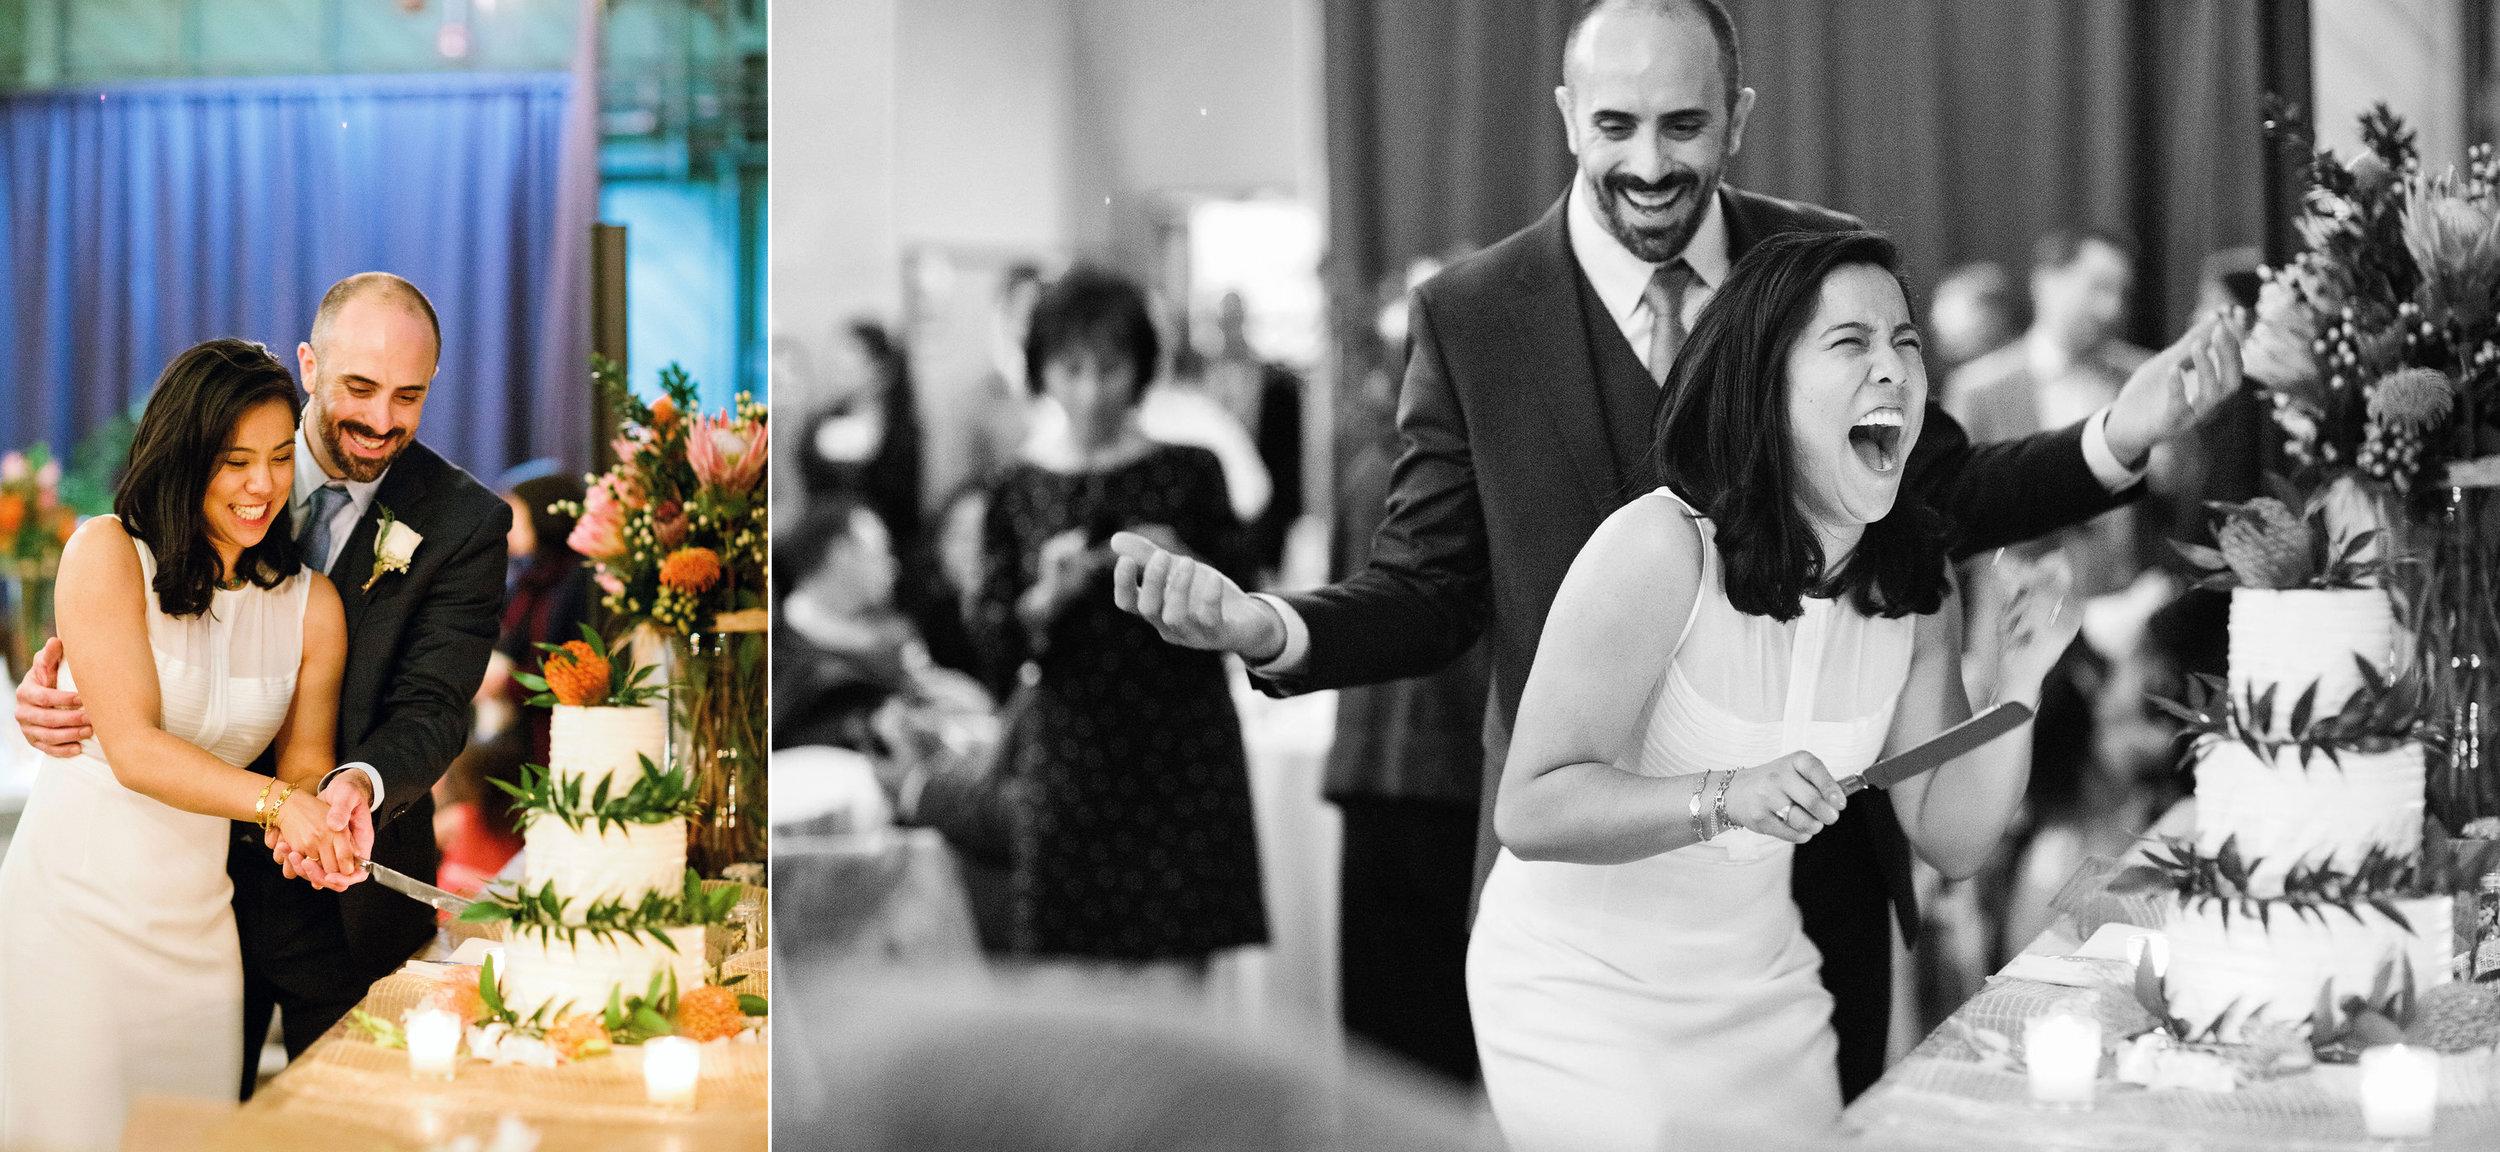 Presidio-Yacht-Club-Wedding-101 copy.jpg